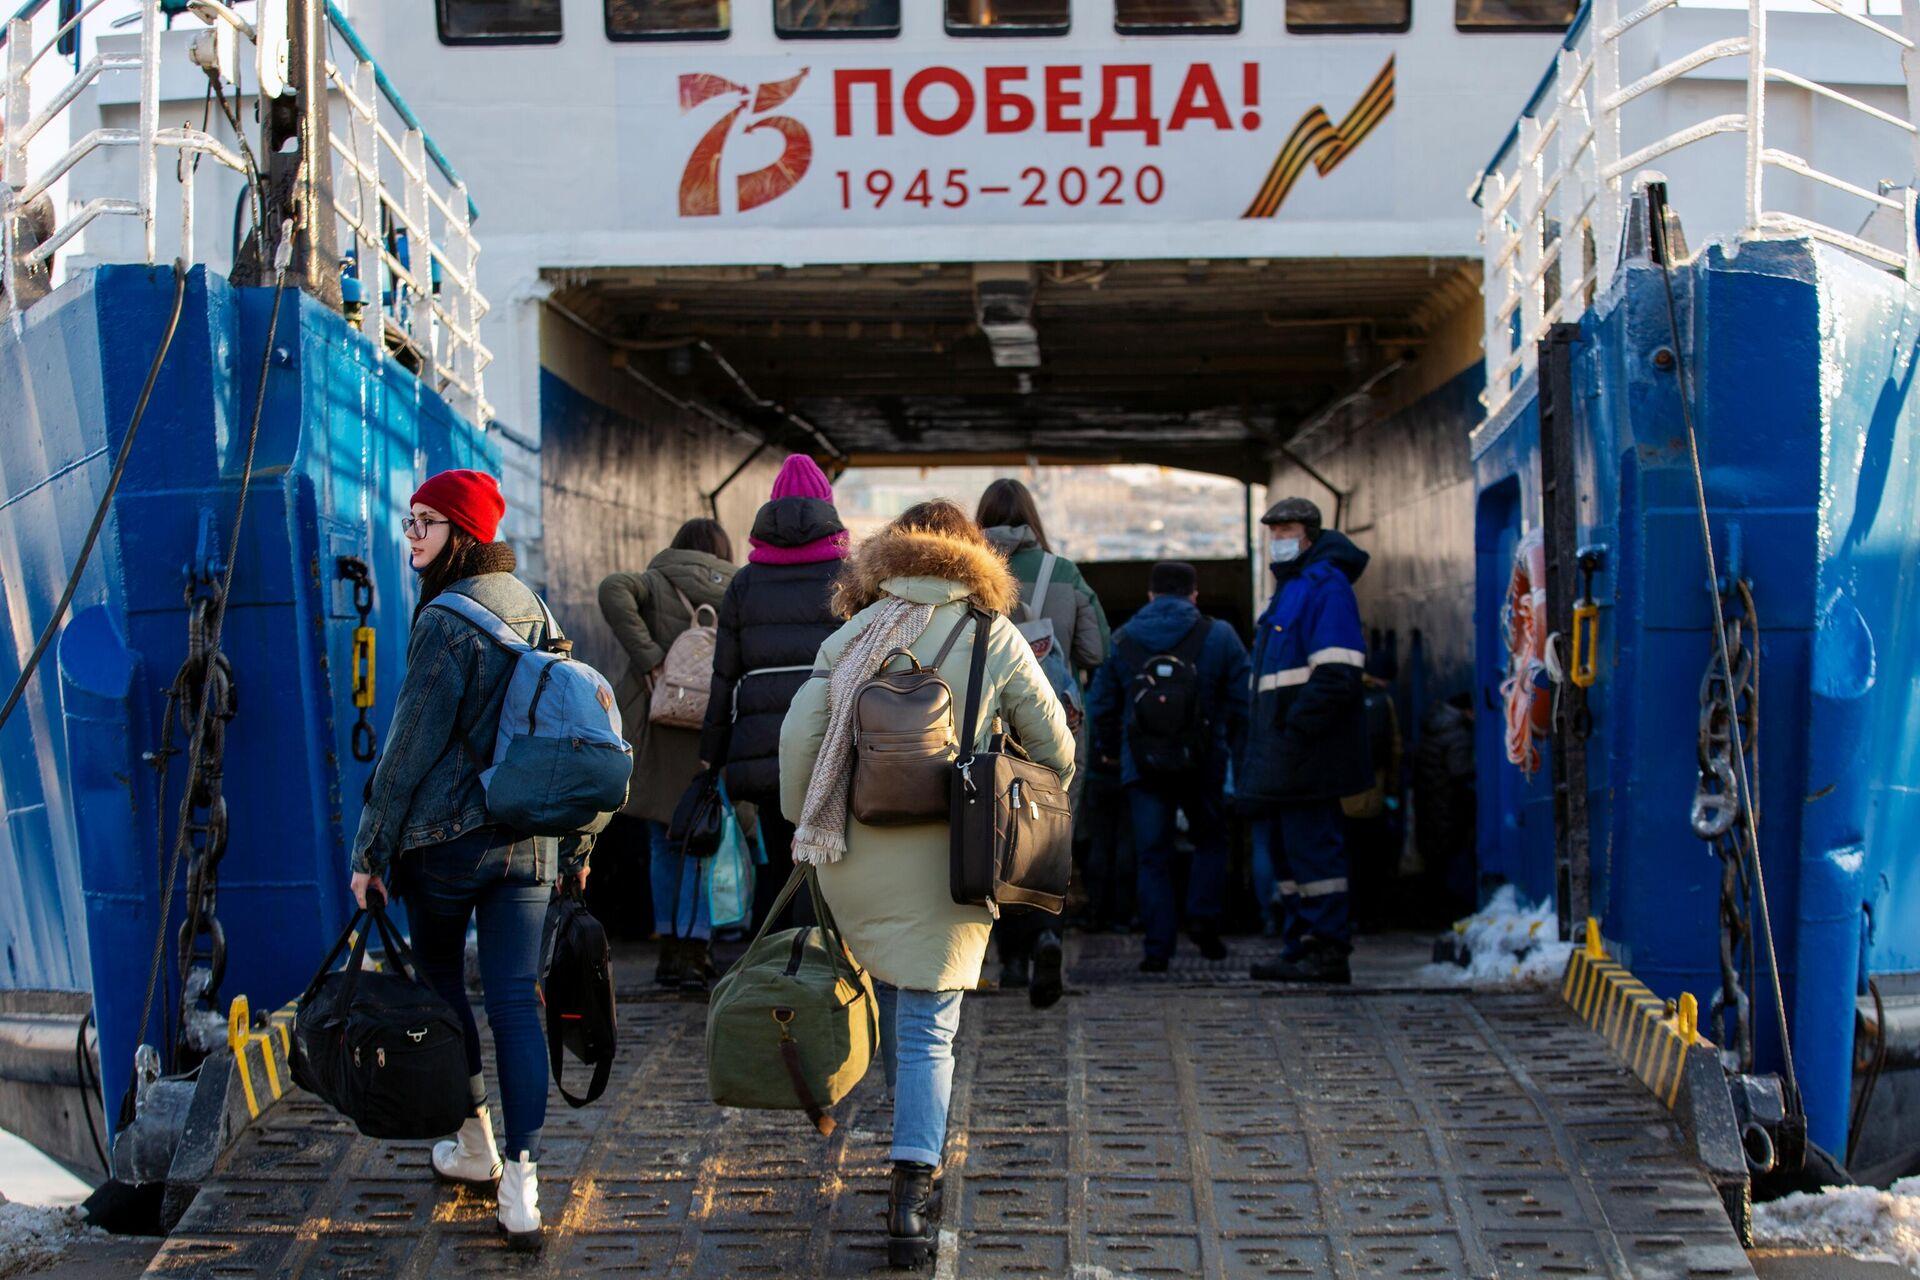 Пассажиры во время посадки на паром Босфор Восточный - РИА Новости, 1920, 01.12.2020